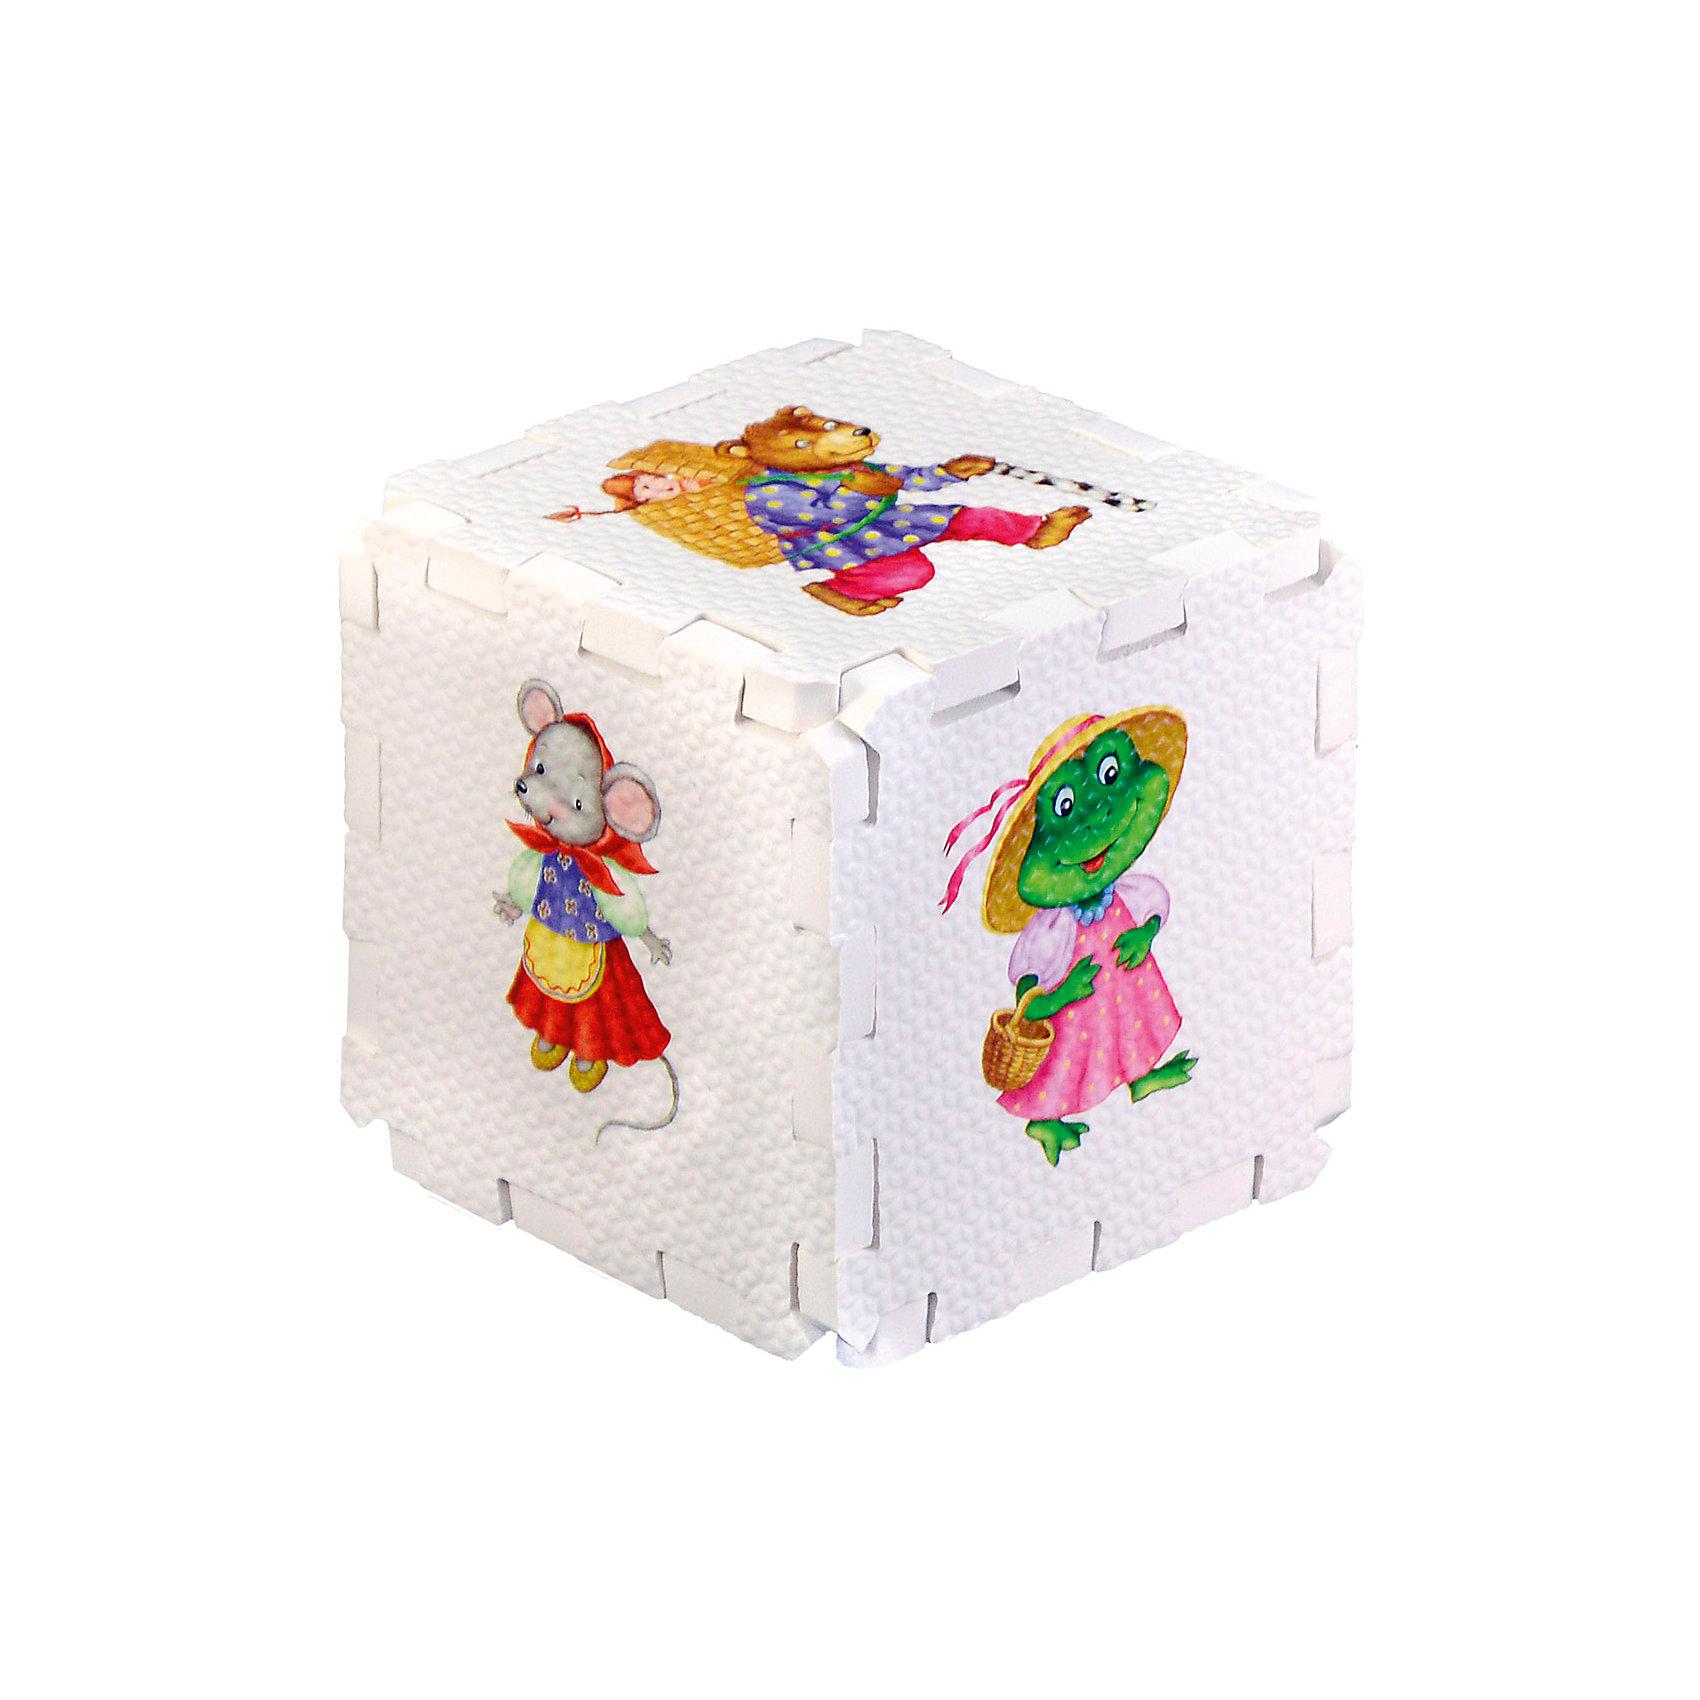 Кубик EVA Сказочные животныеНабор состоит из 6 больших деталей-пазлов, которые можно собрать в объёмный кубик. Собирая кубик и играя с его деталями, малыши тренируют мелкую моторику, развивают мышление, память, внимание, а также получают навыки творческого конструирования.<br>Детали-пазлы сделаны из экологически чистого и гипоаллергенного материала ЭВА (EVA), который не имеет цвета, запаха и вкуса, а значит, идеально подходит для первых развивающих игрушек и игр.<br>Особенности пазлов ЭВА открывают дополнительные возможности для различных игровых сюжетов:<br>- детали-пазлы можно грызть, мять, гнуть, сжимать и мочить, и при этом они не испортятся; <br>- с набором можно играть в воде, детали плавают и легко крепятся к кафелю и стенкам ванны; <br>- уникальная технология печати картинок на пазлах передаёт все оттенки цветов, и дети быстрее учатся узнавать нарисованные на них предметы в окружающем мире; <br>- набор идеально подходит для развития детской моторики, сенсорики, навыков конструирования; <br>- детали-пазлы из разных наборов подходят к друг другу, вы легко можете комбинировать разные наборы.<br><br>Дополнительная информация:<br><br>- Материал: ЭВА.<br>- Размер: 25,5х24 см. <br>- Толщина детали-пазла: 3 см. <br>- Комплектация: 6 деталей.<br>- Детали-пазлы подходят к другим наборам. <br>- Используются стойкие гипоаллергенный красители.<br>- Подходит для игр в воде. <br><br>Кубик EVA - сортер Сказочные животные можно купить в нашем магазине.<br><br>Ширина мм: 255<br>Глубина мм: 240<br>Высота мм: 10<br>Вес г: 72<br>Возраст от месяцев: 12<br>Возраст до месяцев: 36<br>Пол: Унисекс<br>Возраст: Детский<br>SKU: 4545591